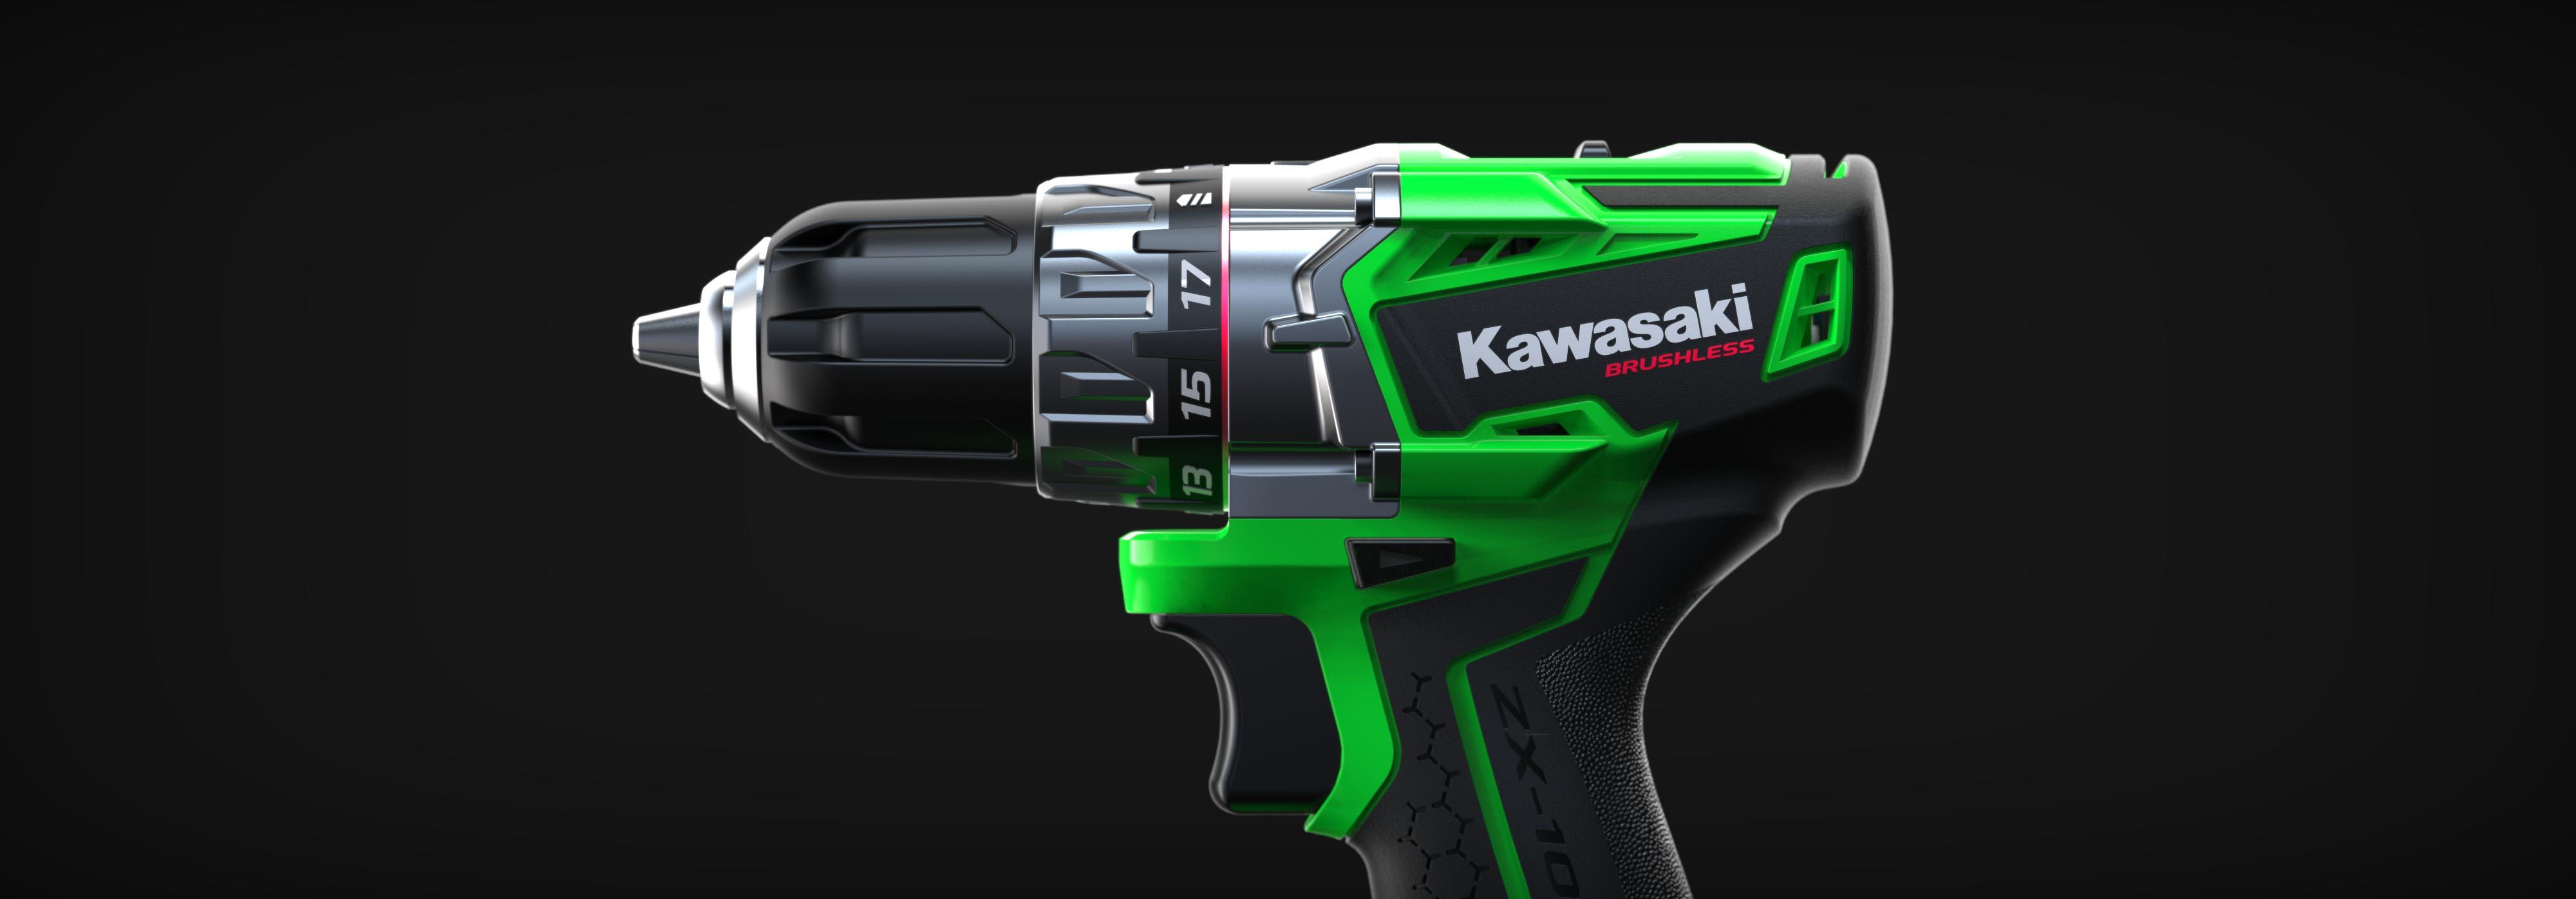 Kawasaki Drill 01